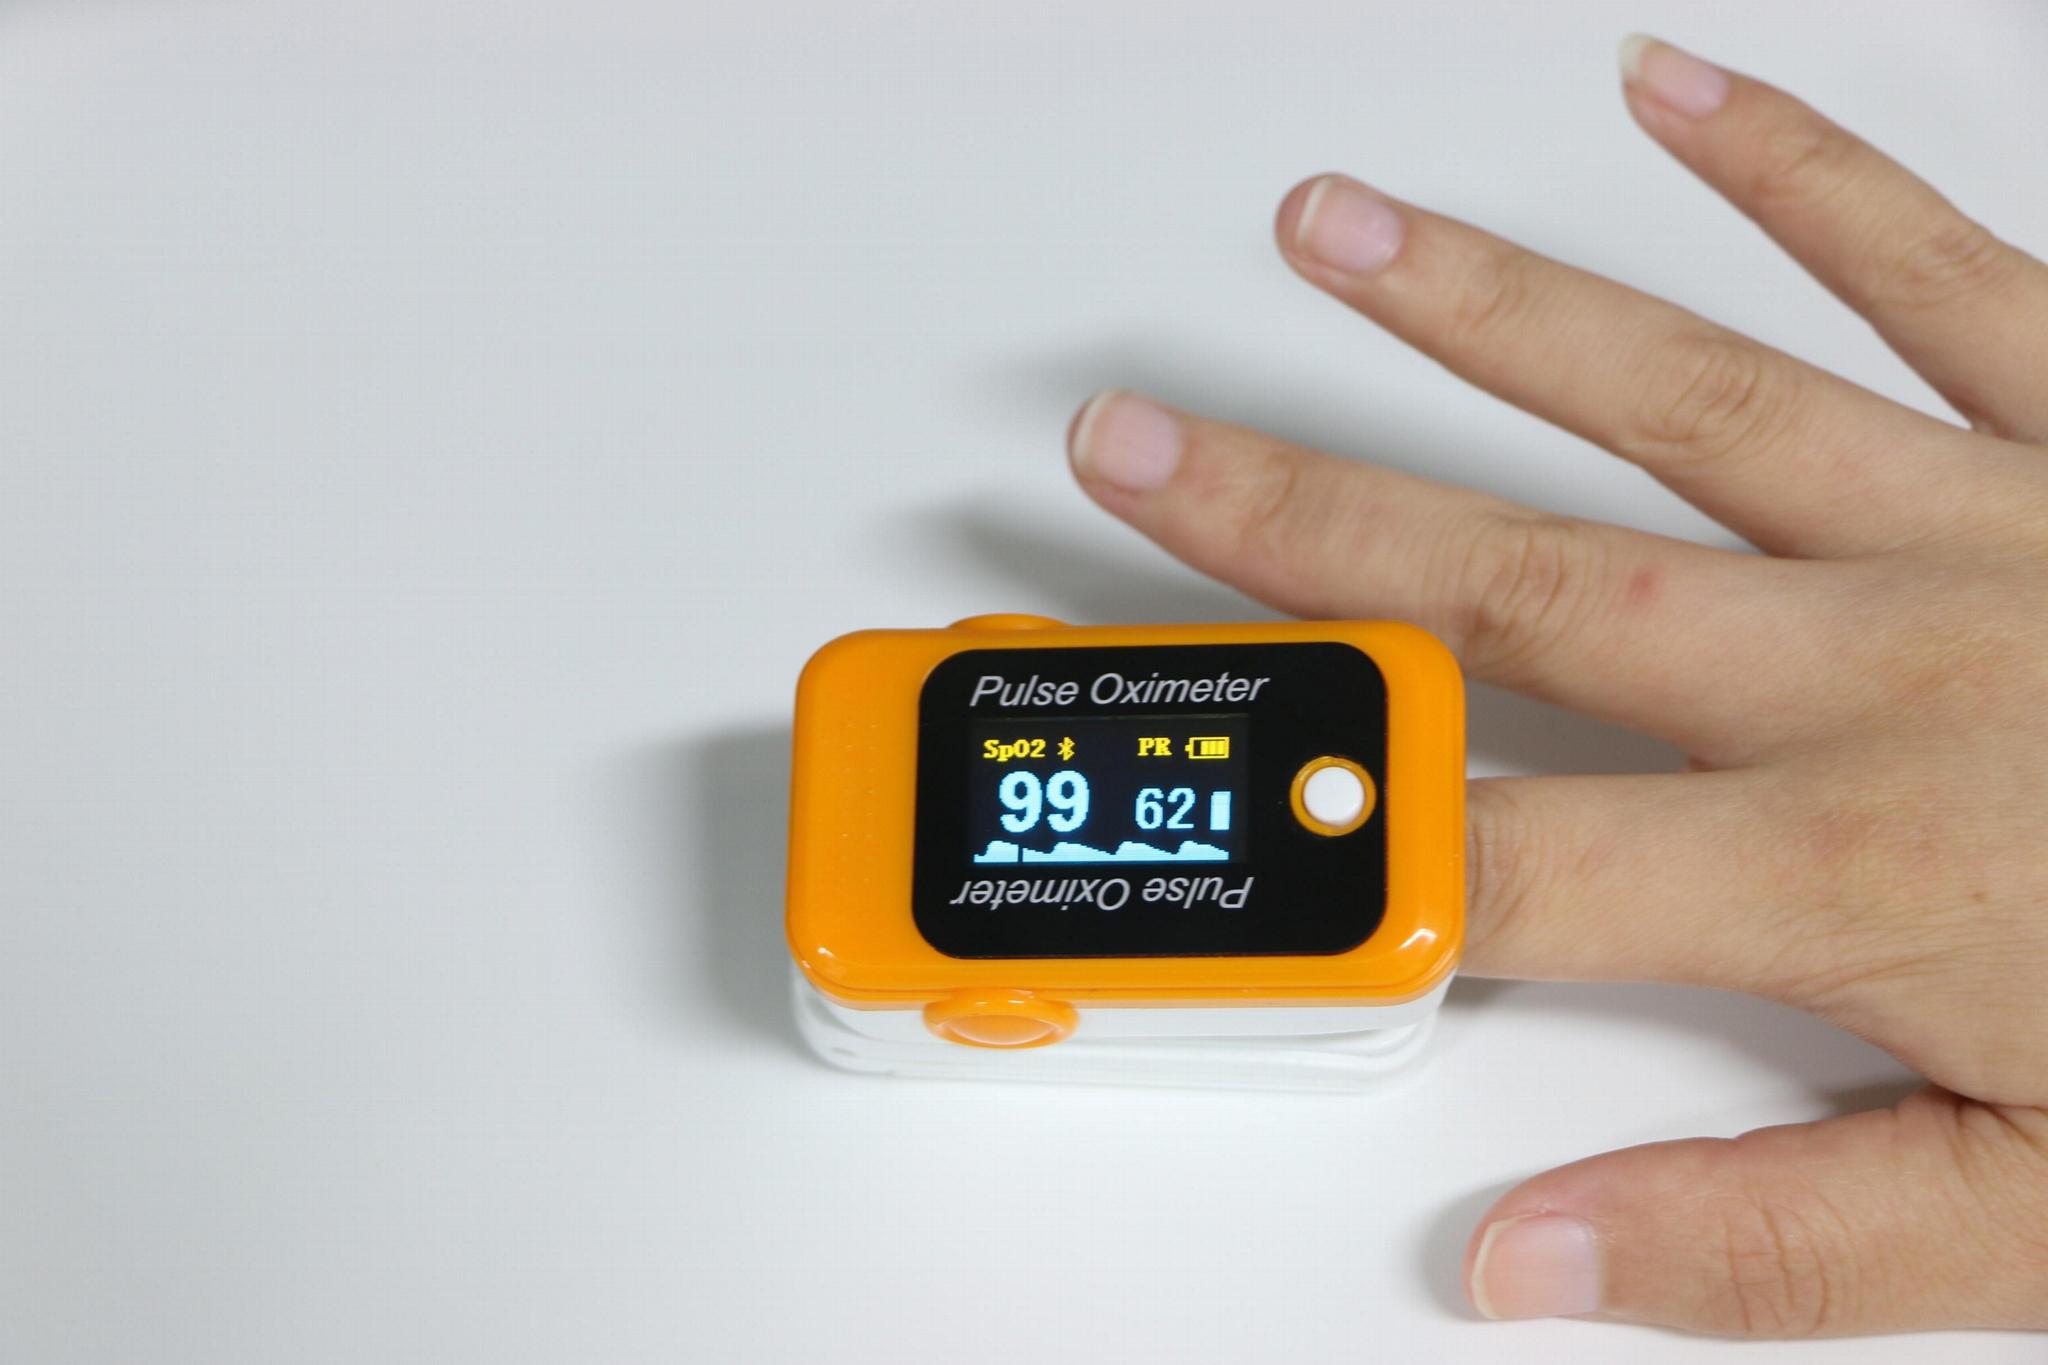 醫用診斷血指夾血氧儀 2